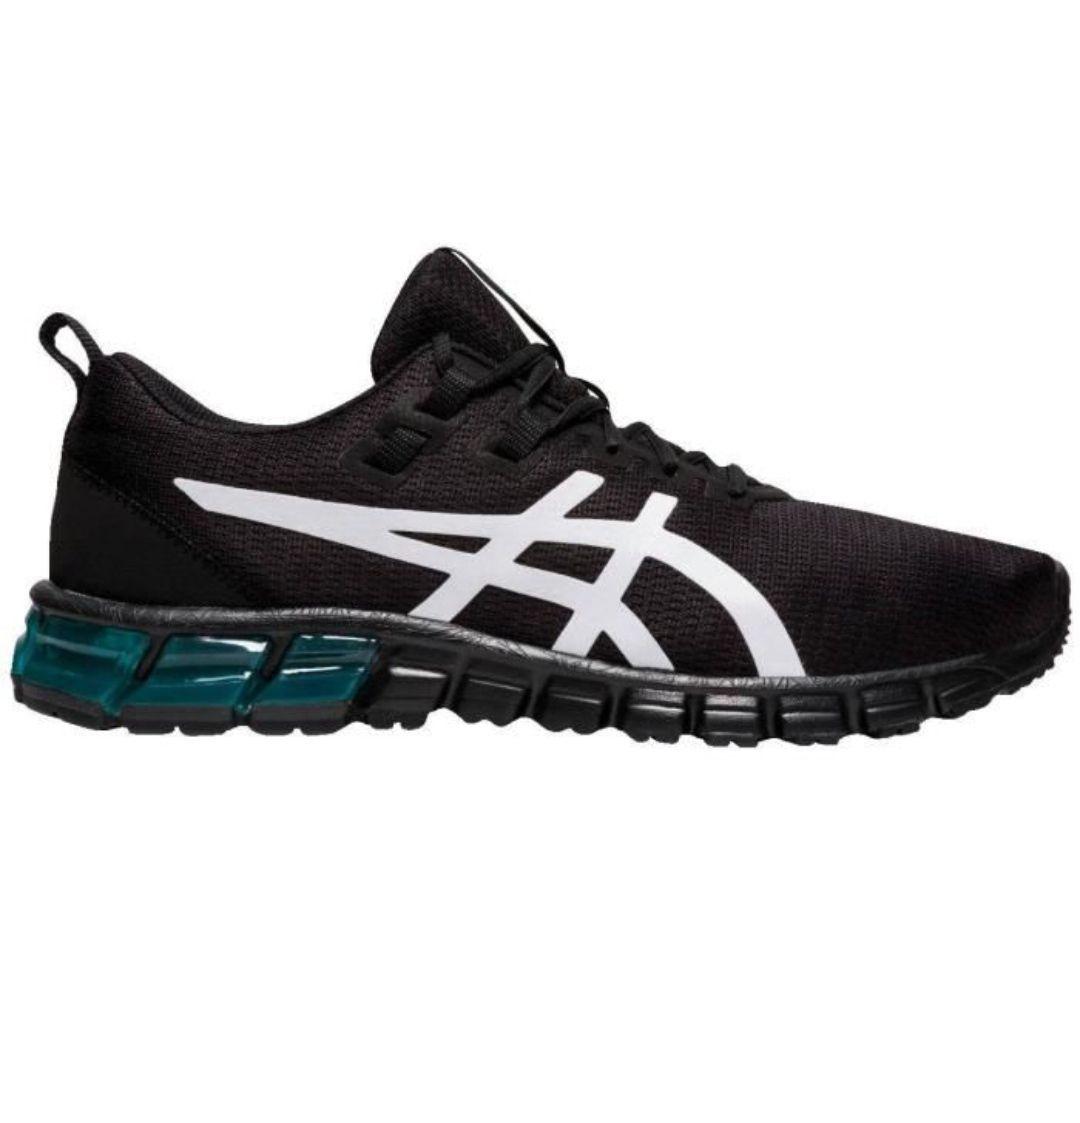 Chaussures de running Asics Gel Quantum 90